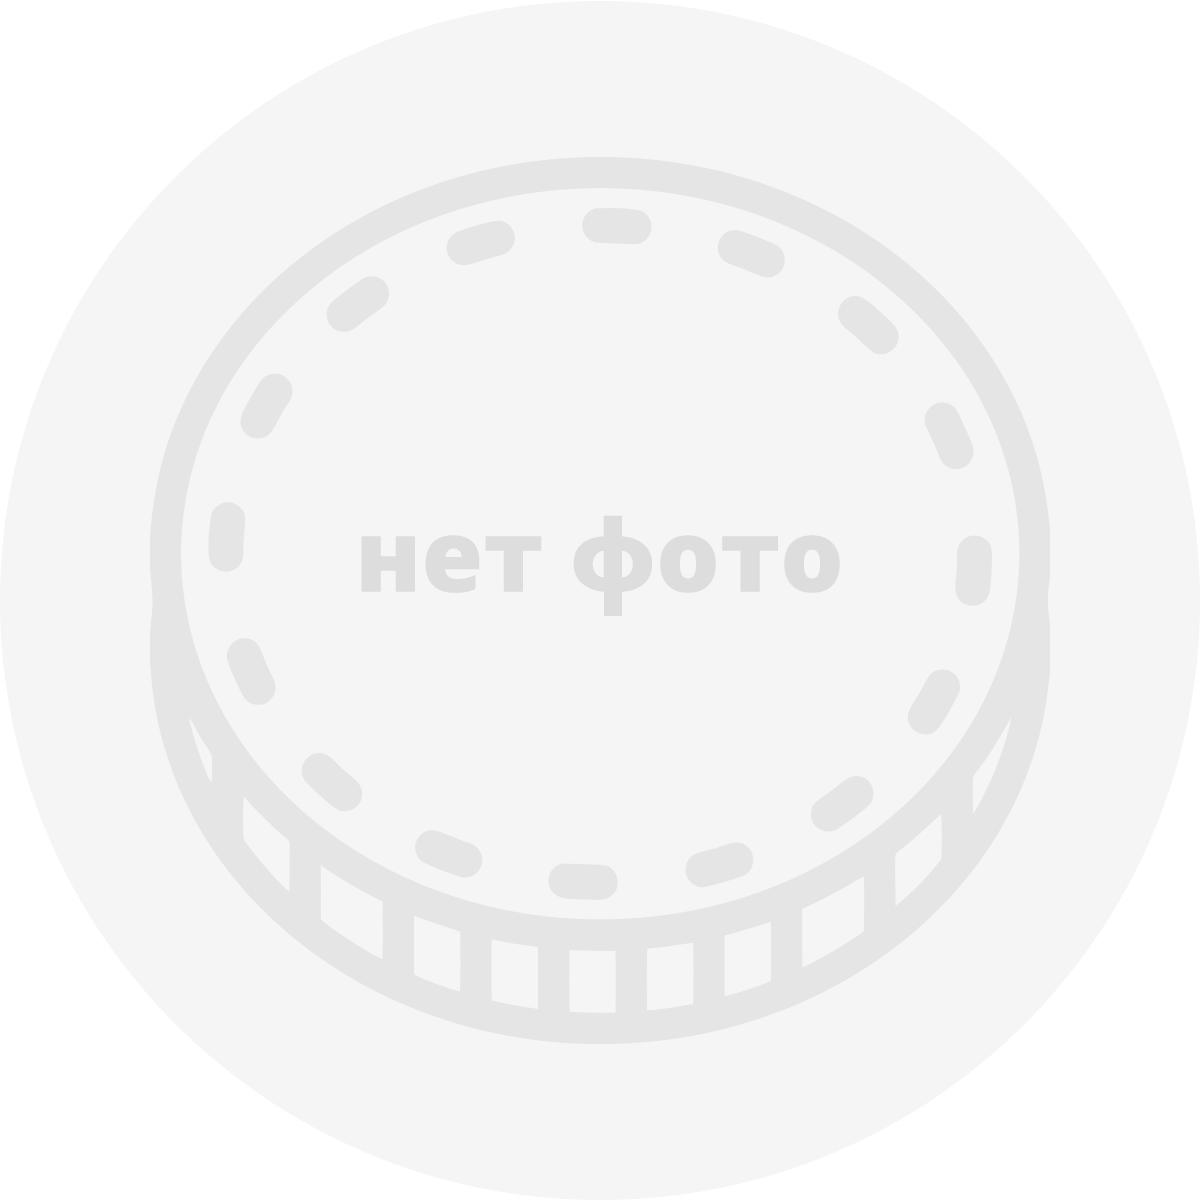 Холдеры степлер (коробка 100 шт.) 27,5 мм